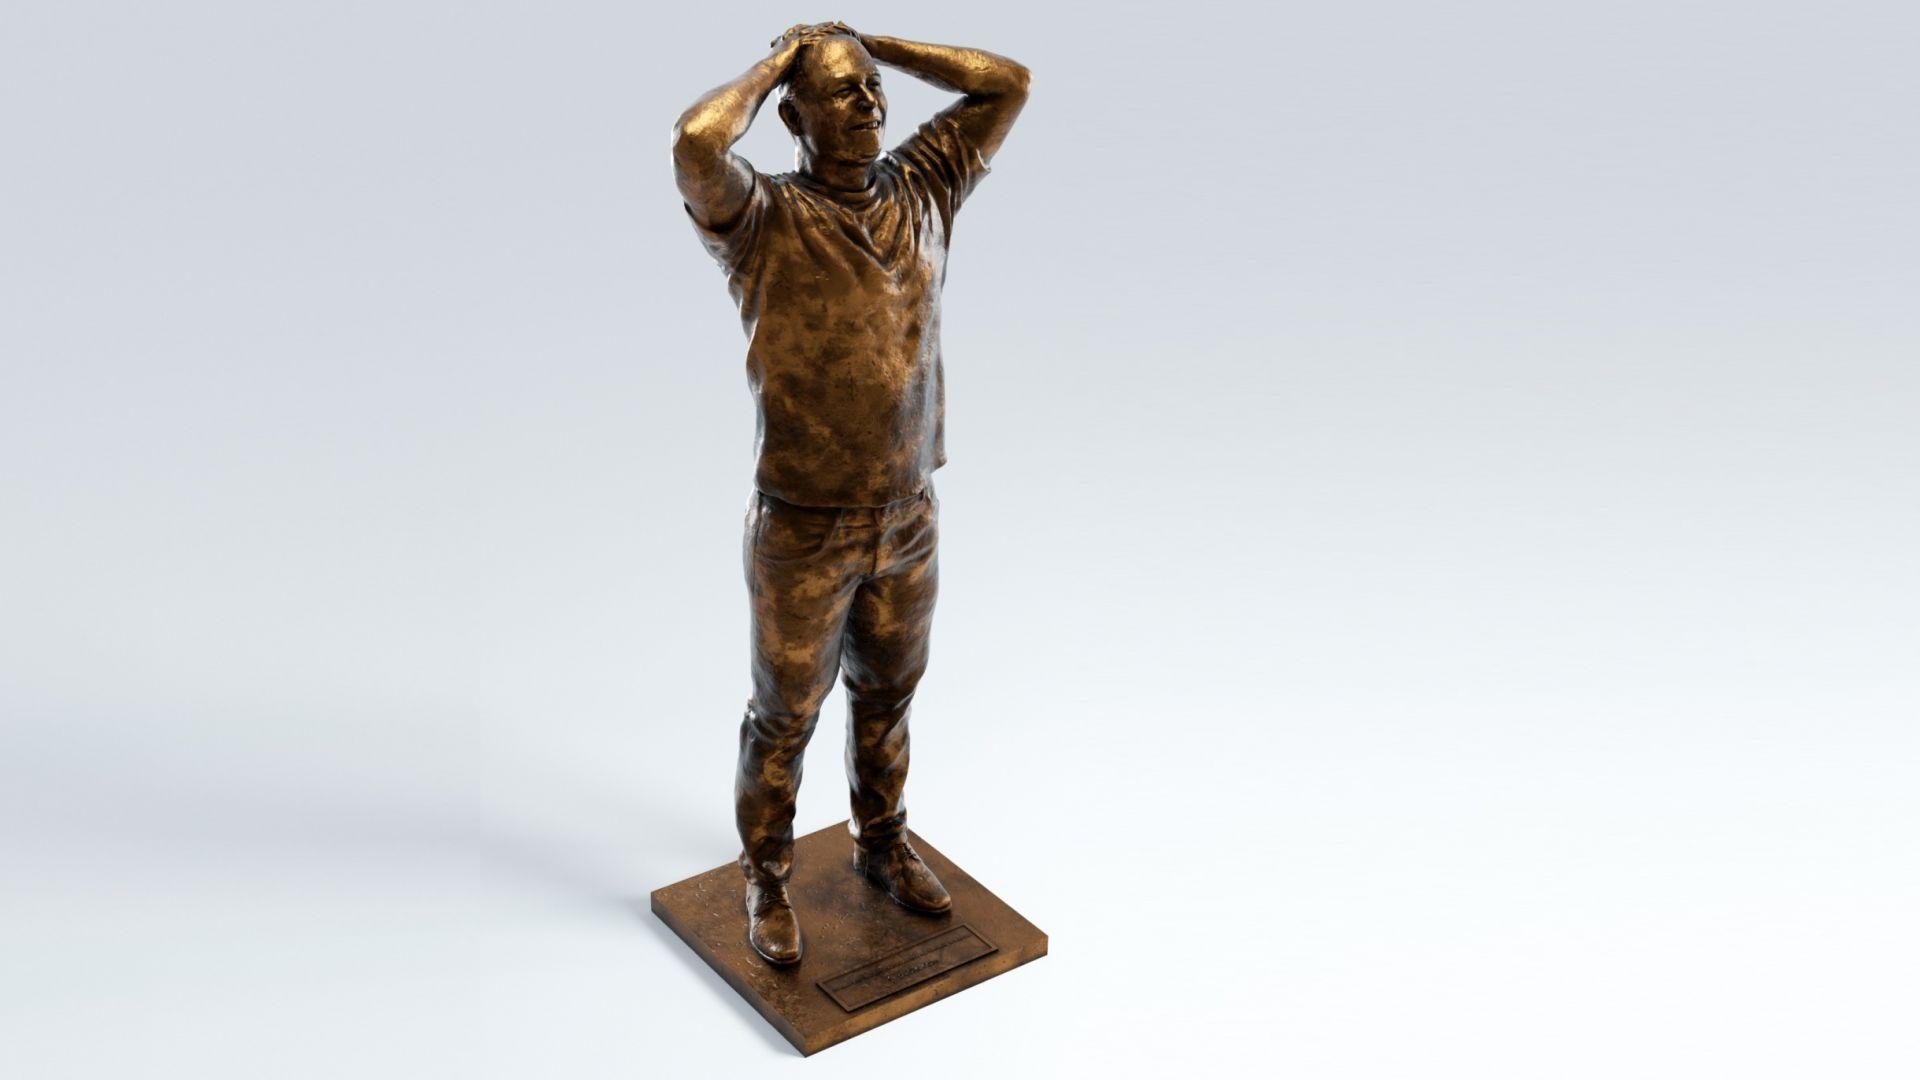 Направиха бронзова статуя на Илън Мъск